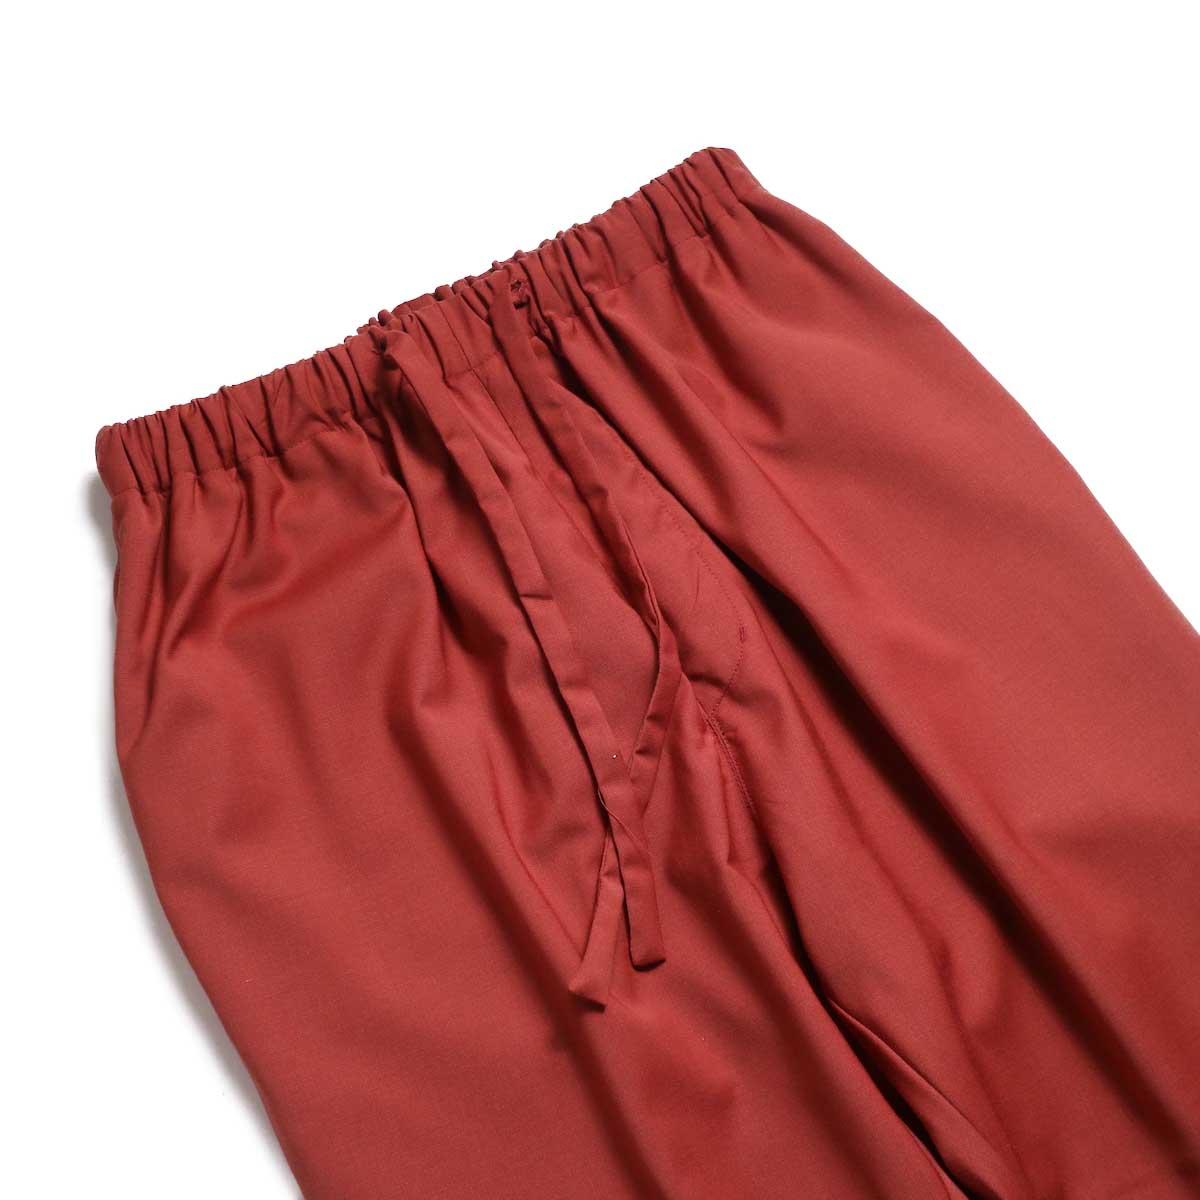 BASISBROEK / BRAVO Cropped Easy Pants (Sienna) ウエスト